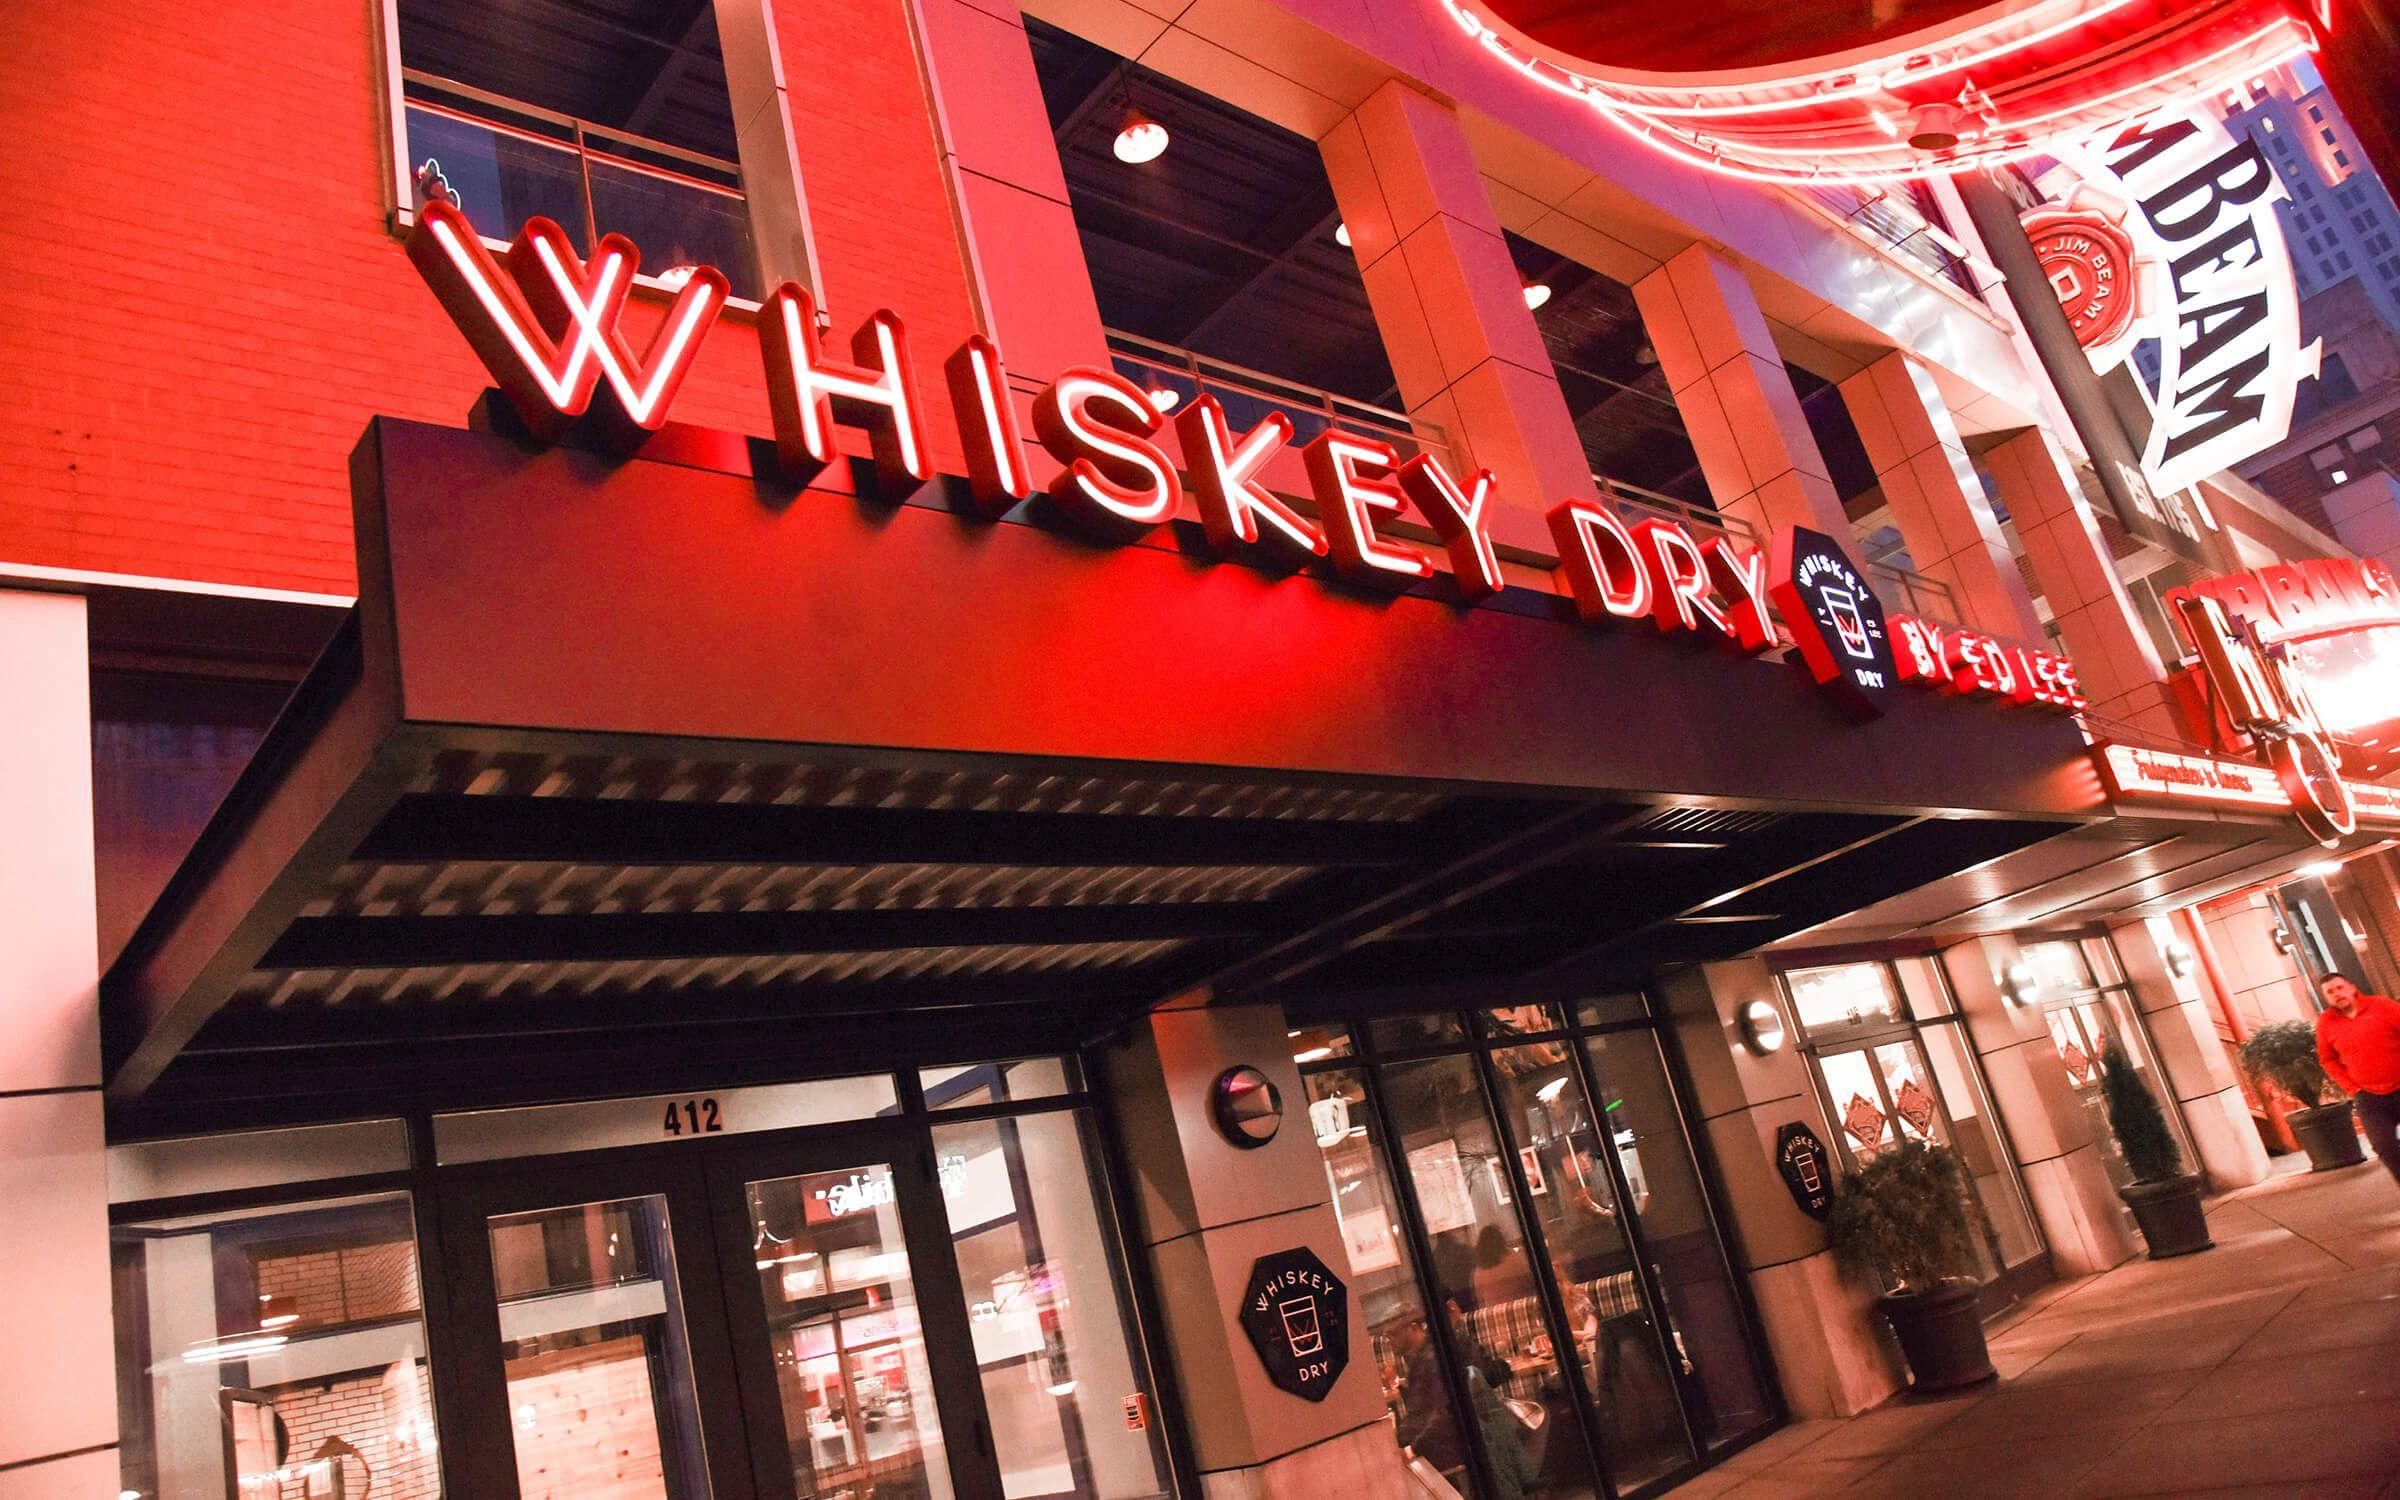 whiskey-005.jpg